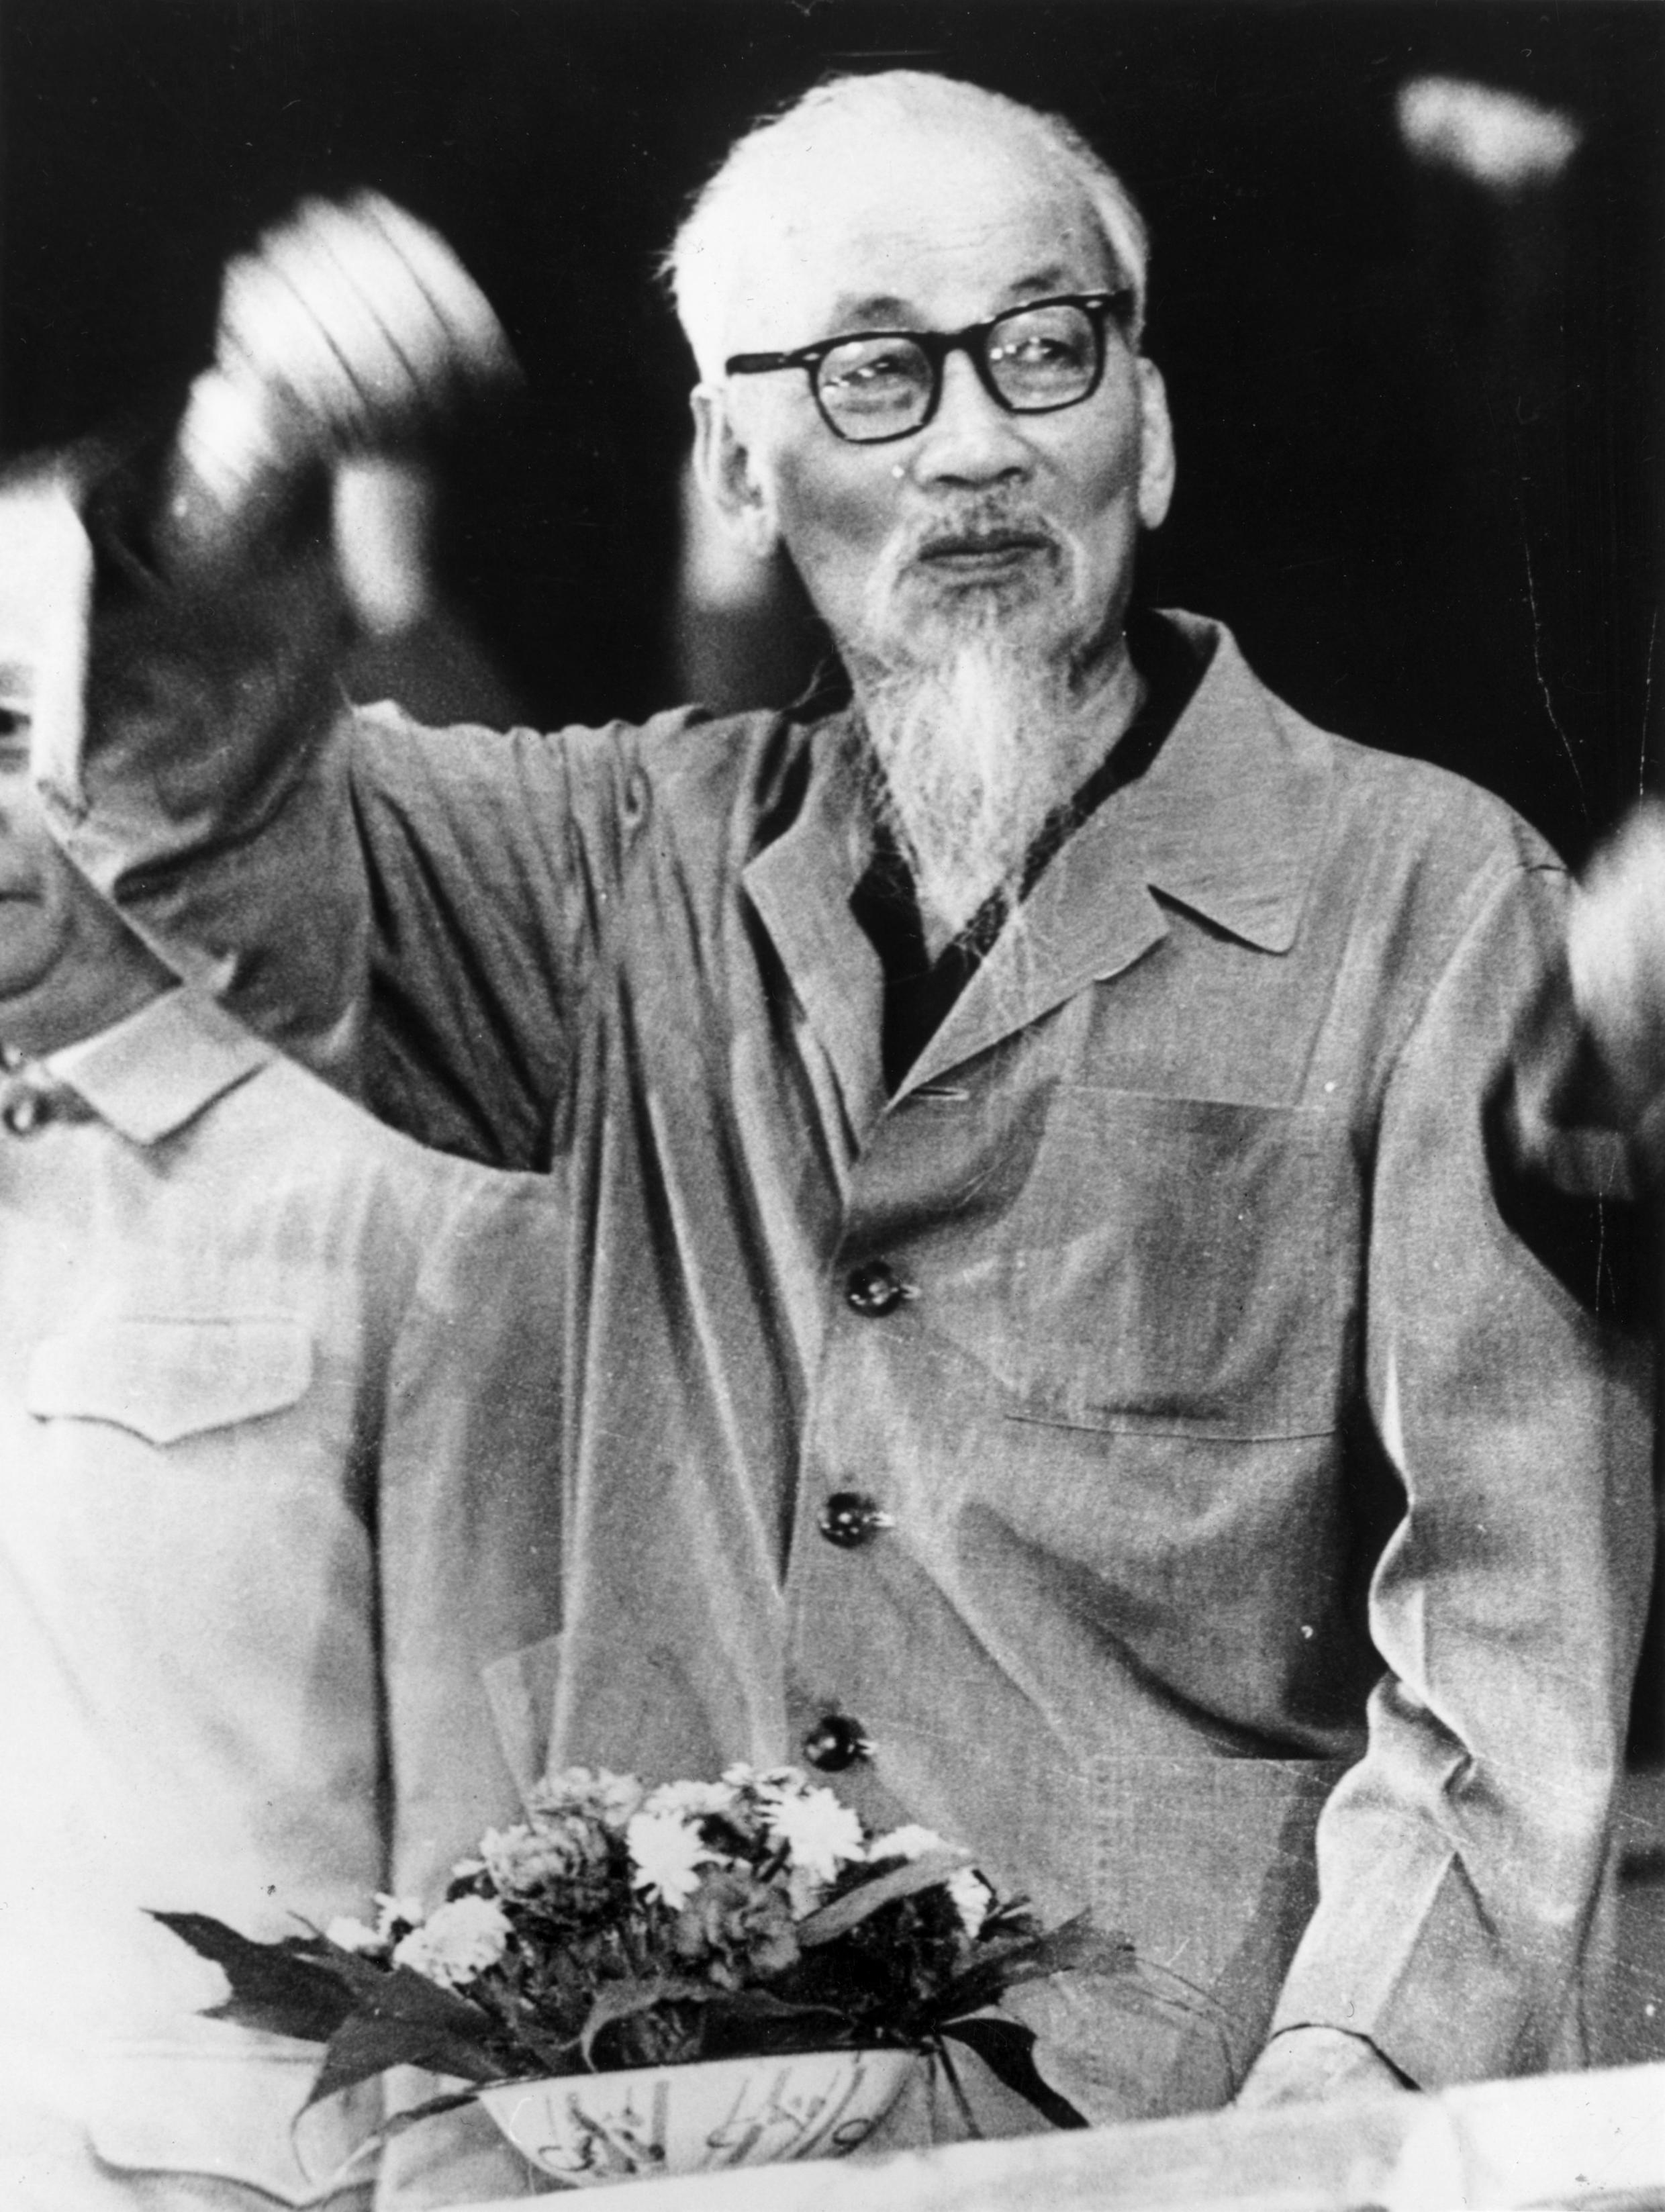 Le président de la République démocratique du Vietnam, Ho Chi Minh (1890 - 1969) en 1969.